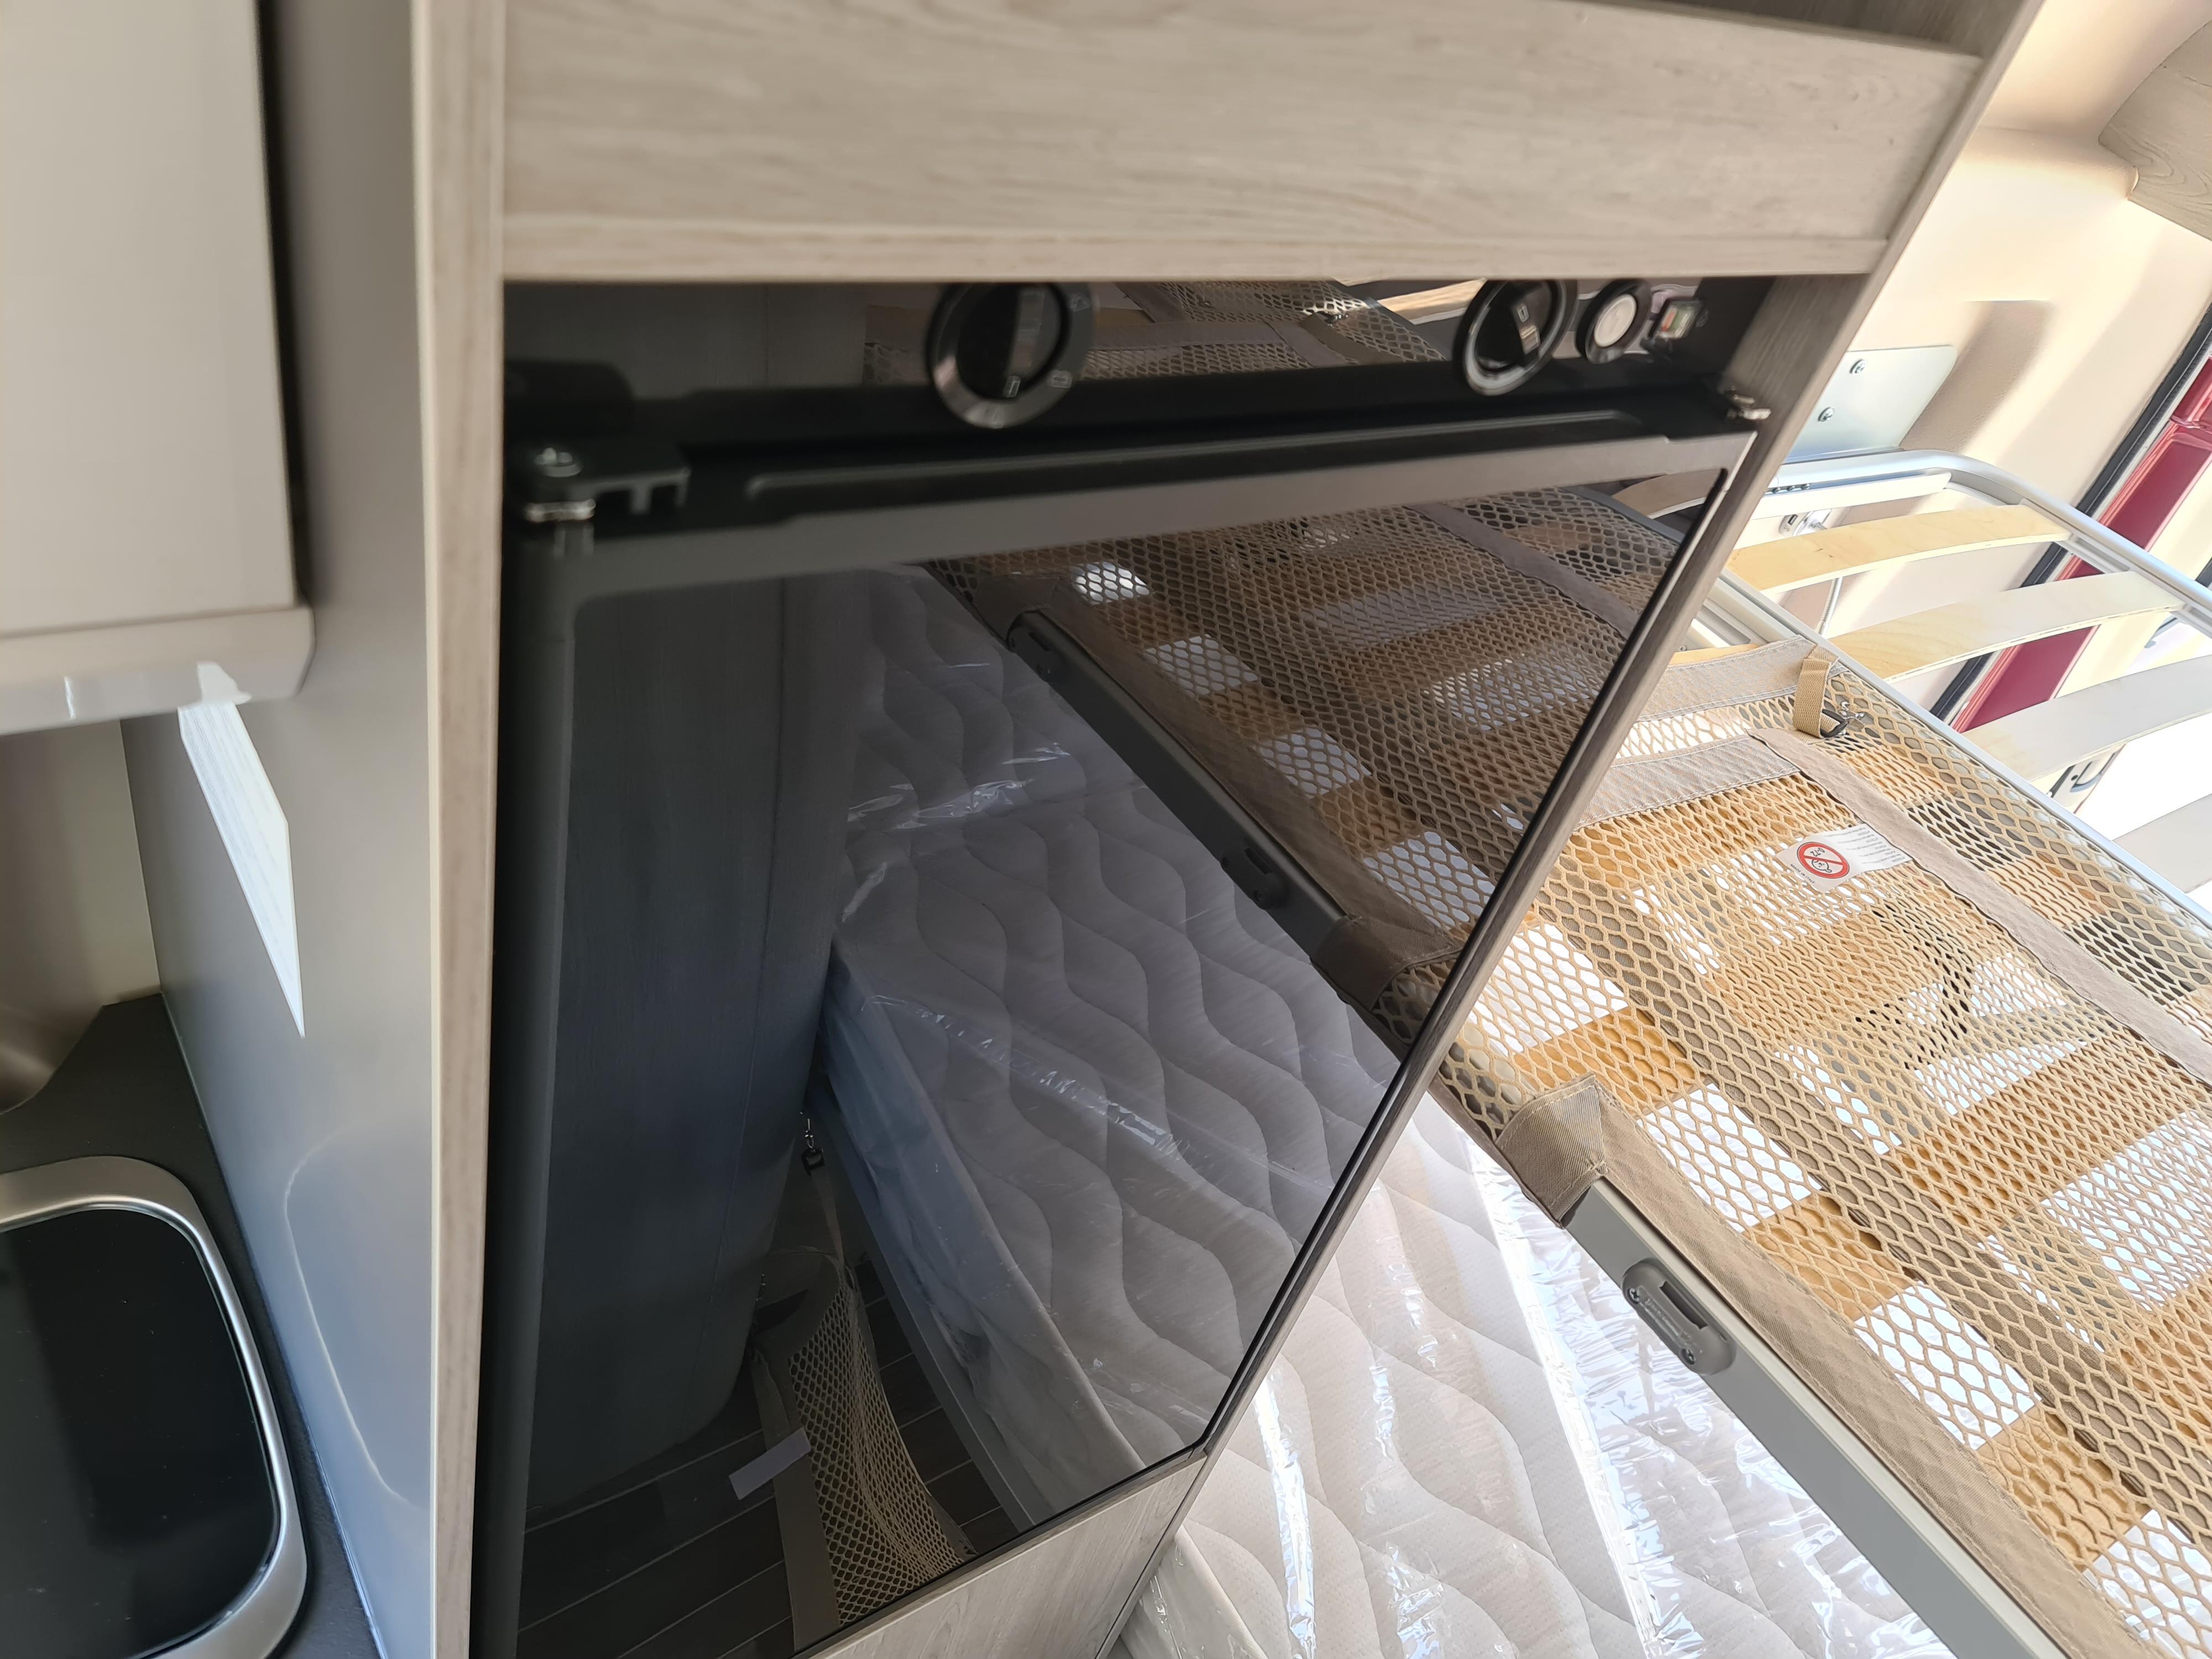 ROLLER TEAM CAMPER VAN LIVINGSTONE 5 SPORT 2.3 140CV-ROJA